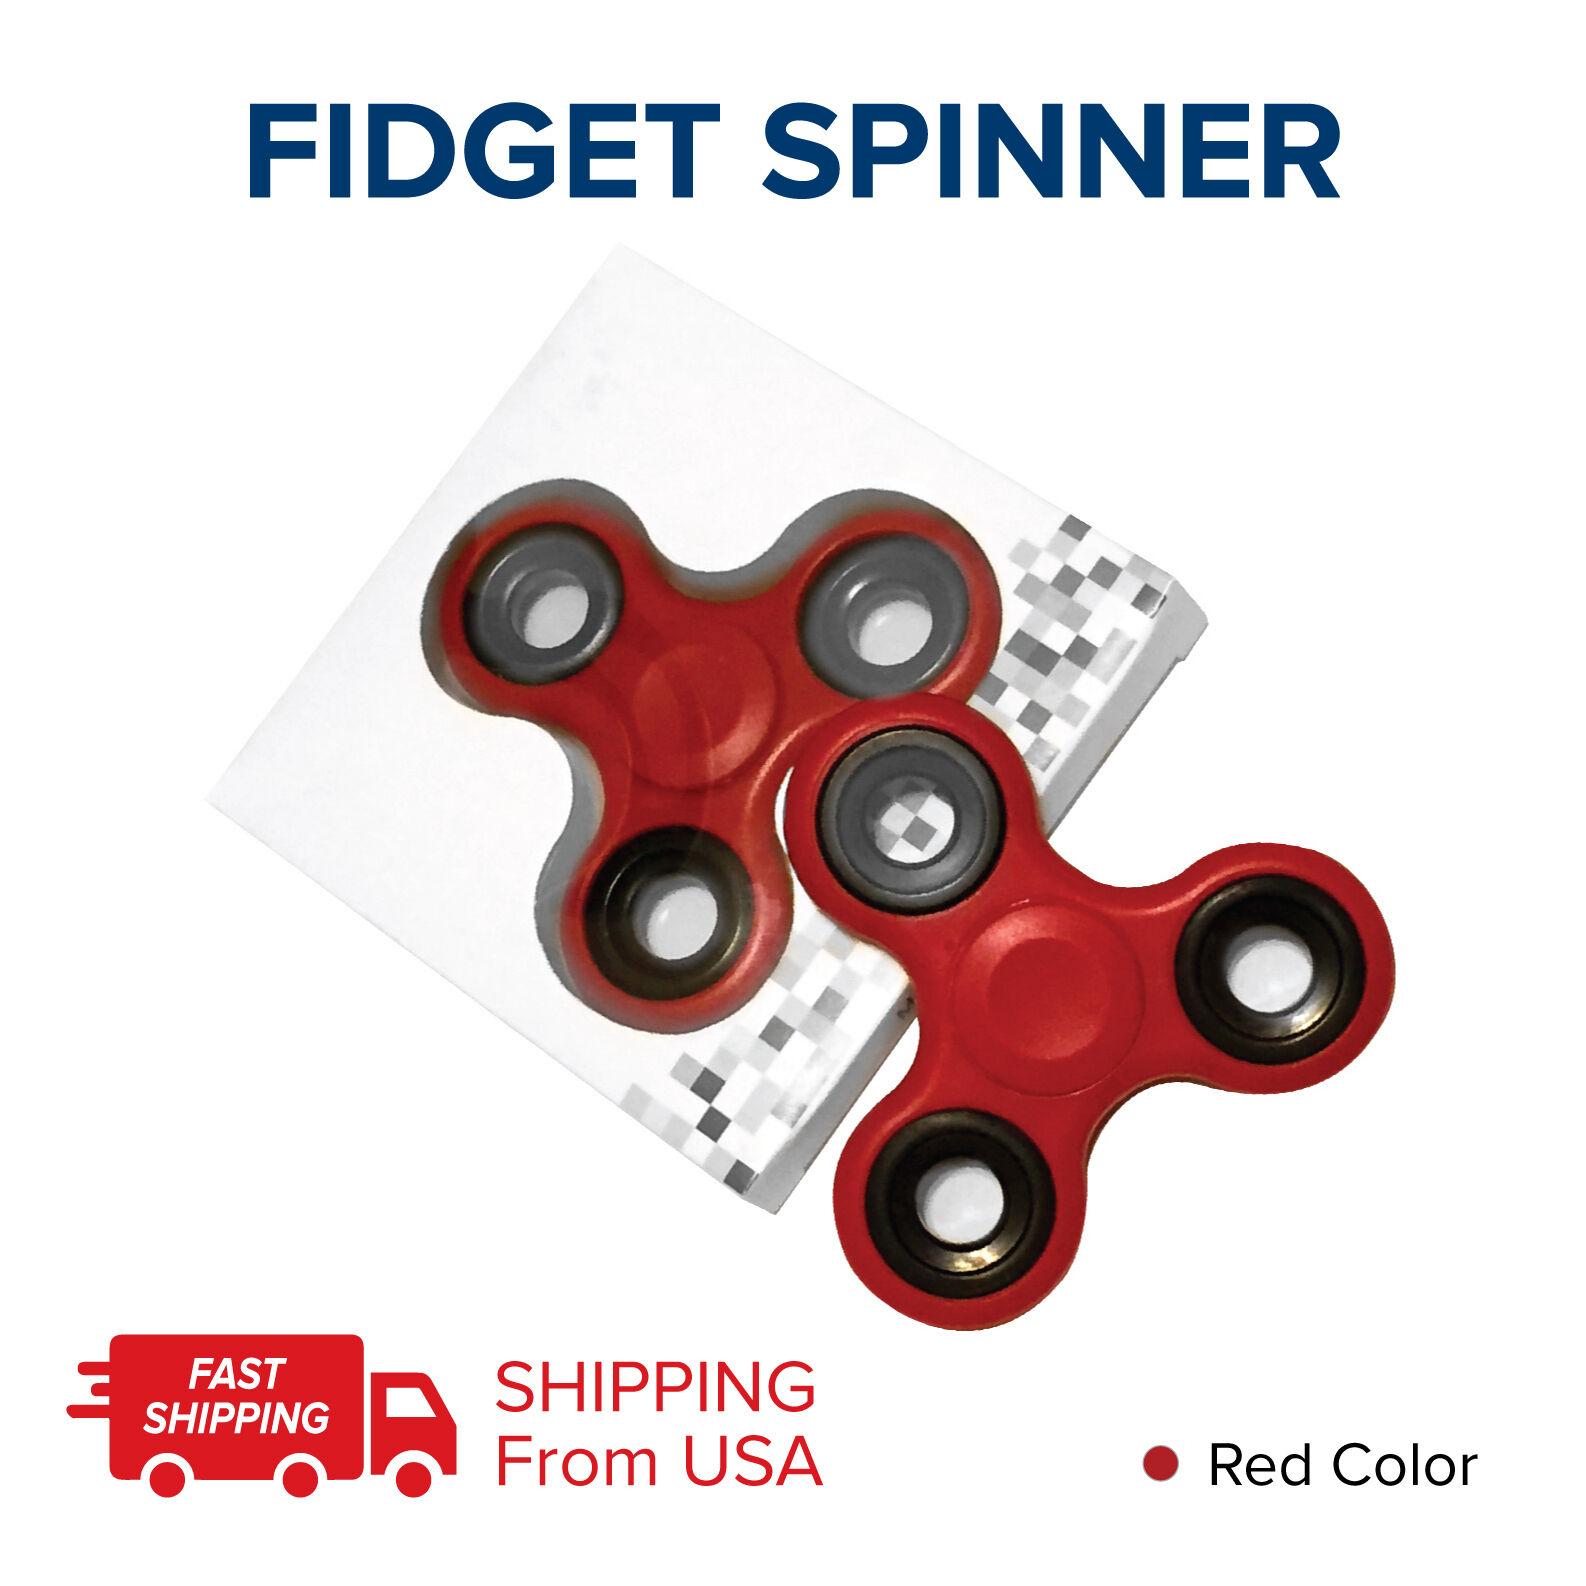 RED EDC EDC EDC FIDGETS LOT 100 TRI FIDGET HAND SPINNER FIGET SPINNERS STEEL FINGER USA ce8461